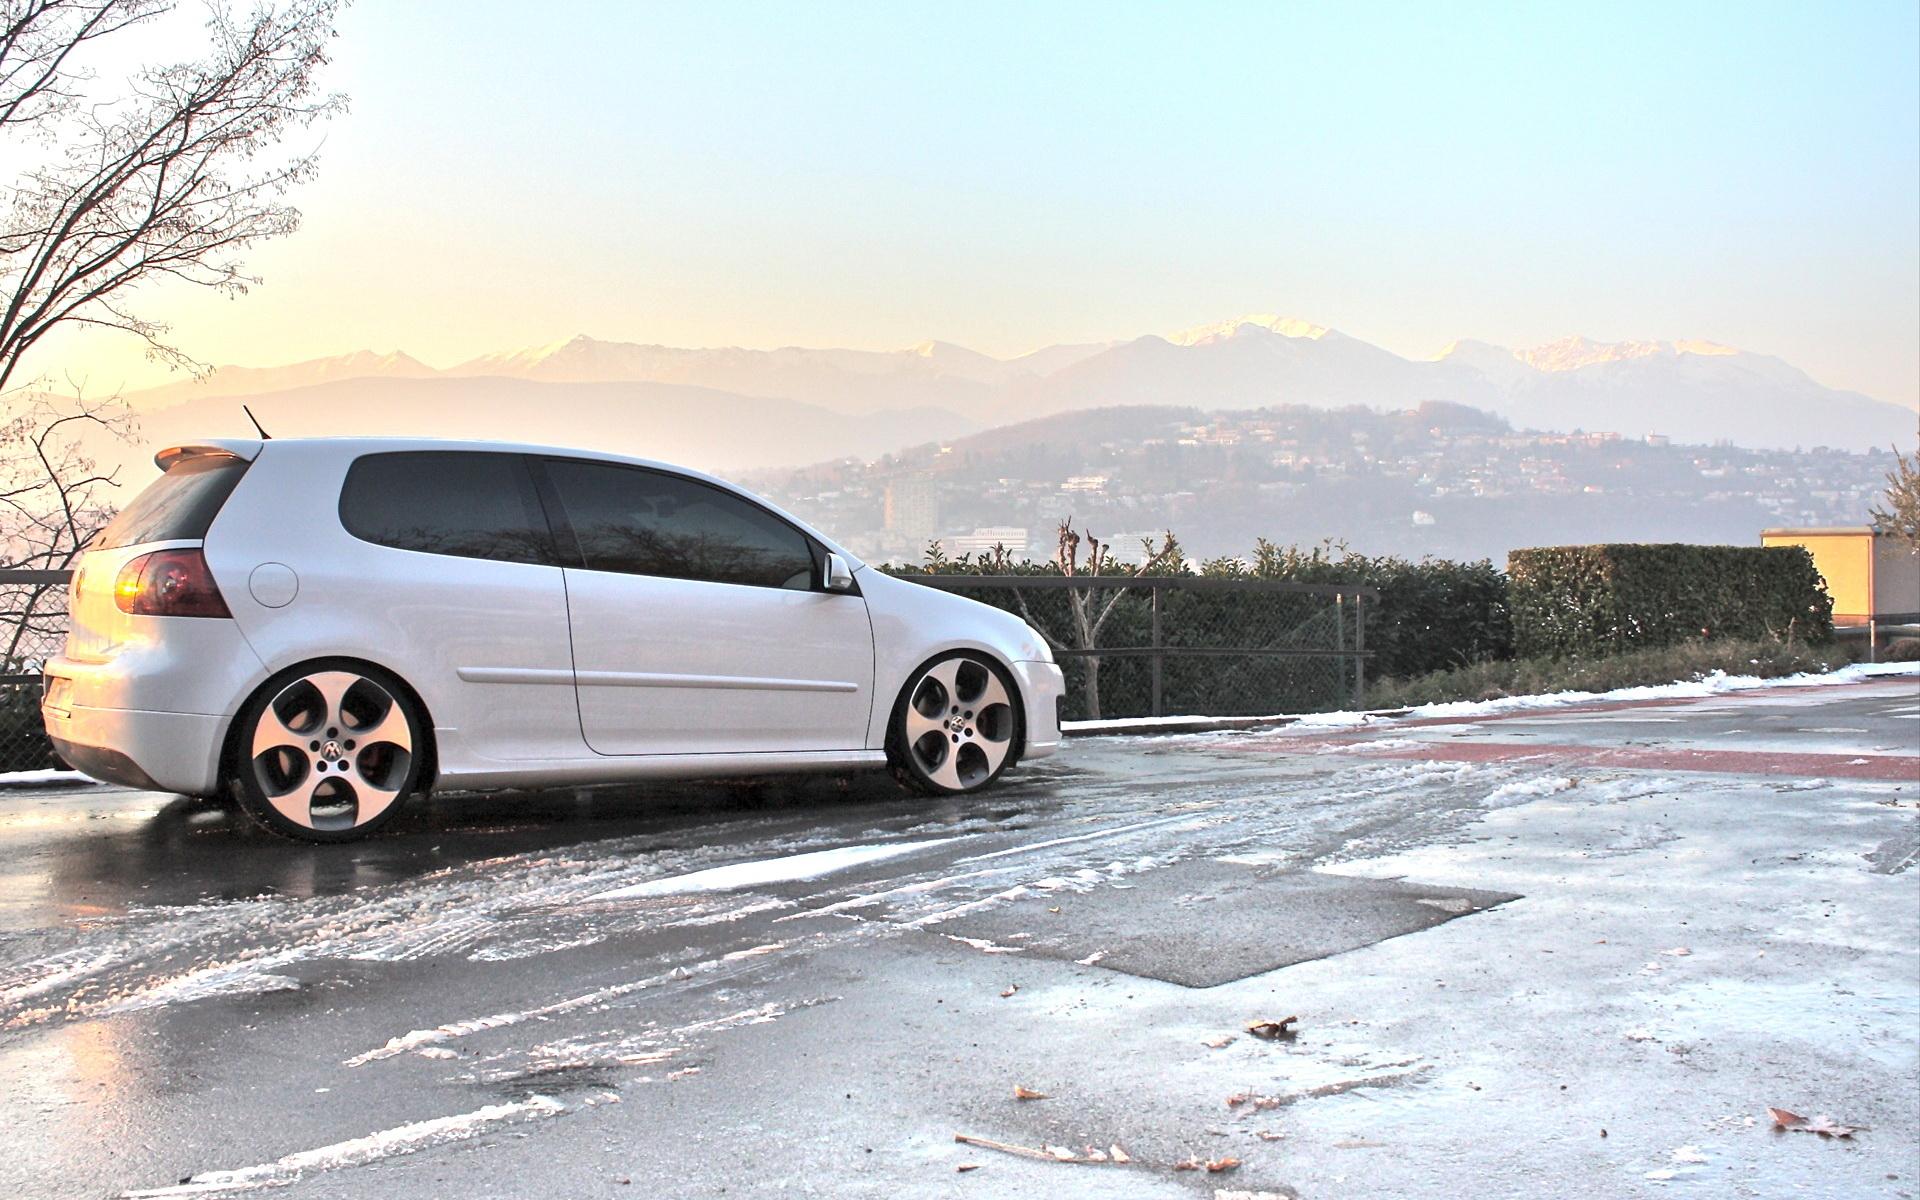 Volkswagen Golf Gti Wallpaper Volkswagen Golf Gti